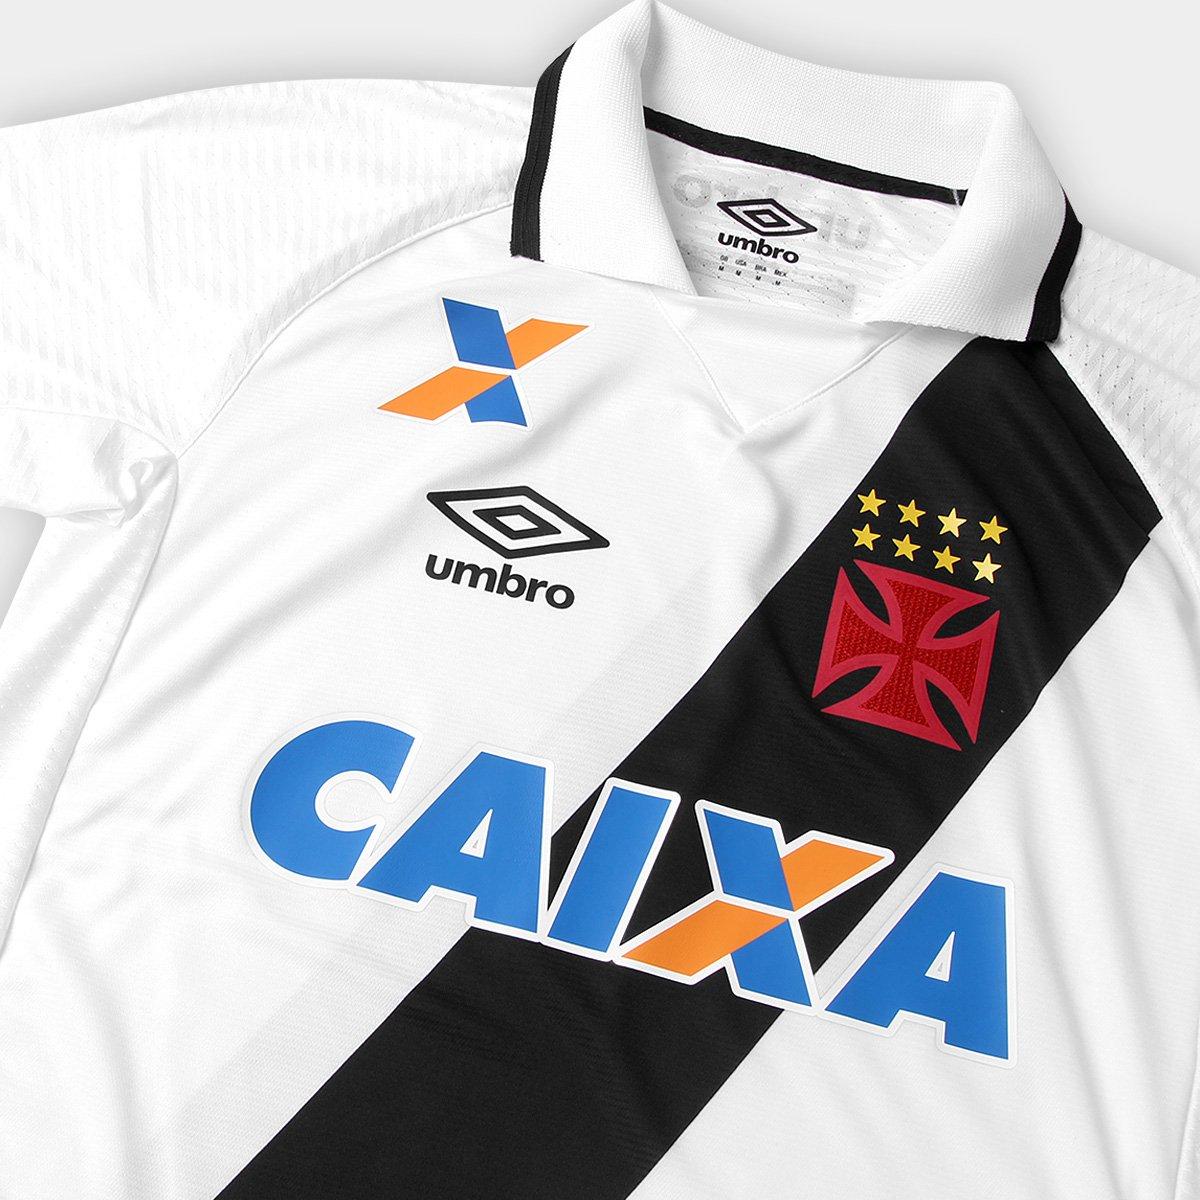 034c38ee6e Camisa Vasco II 17 18 s nº - Jogador Umbro Masculina - Compre Agora ...